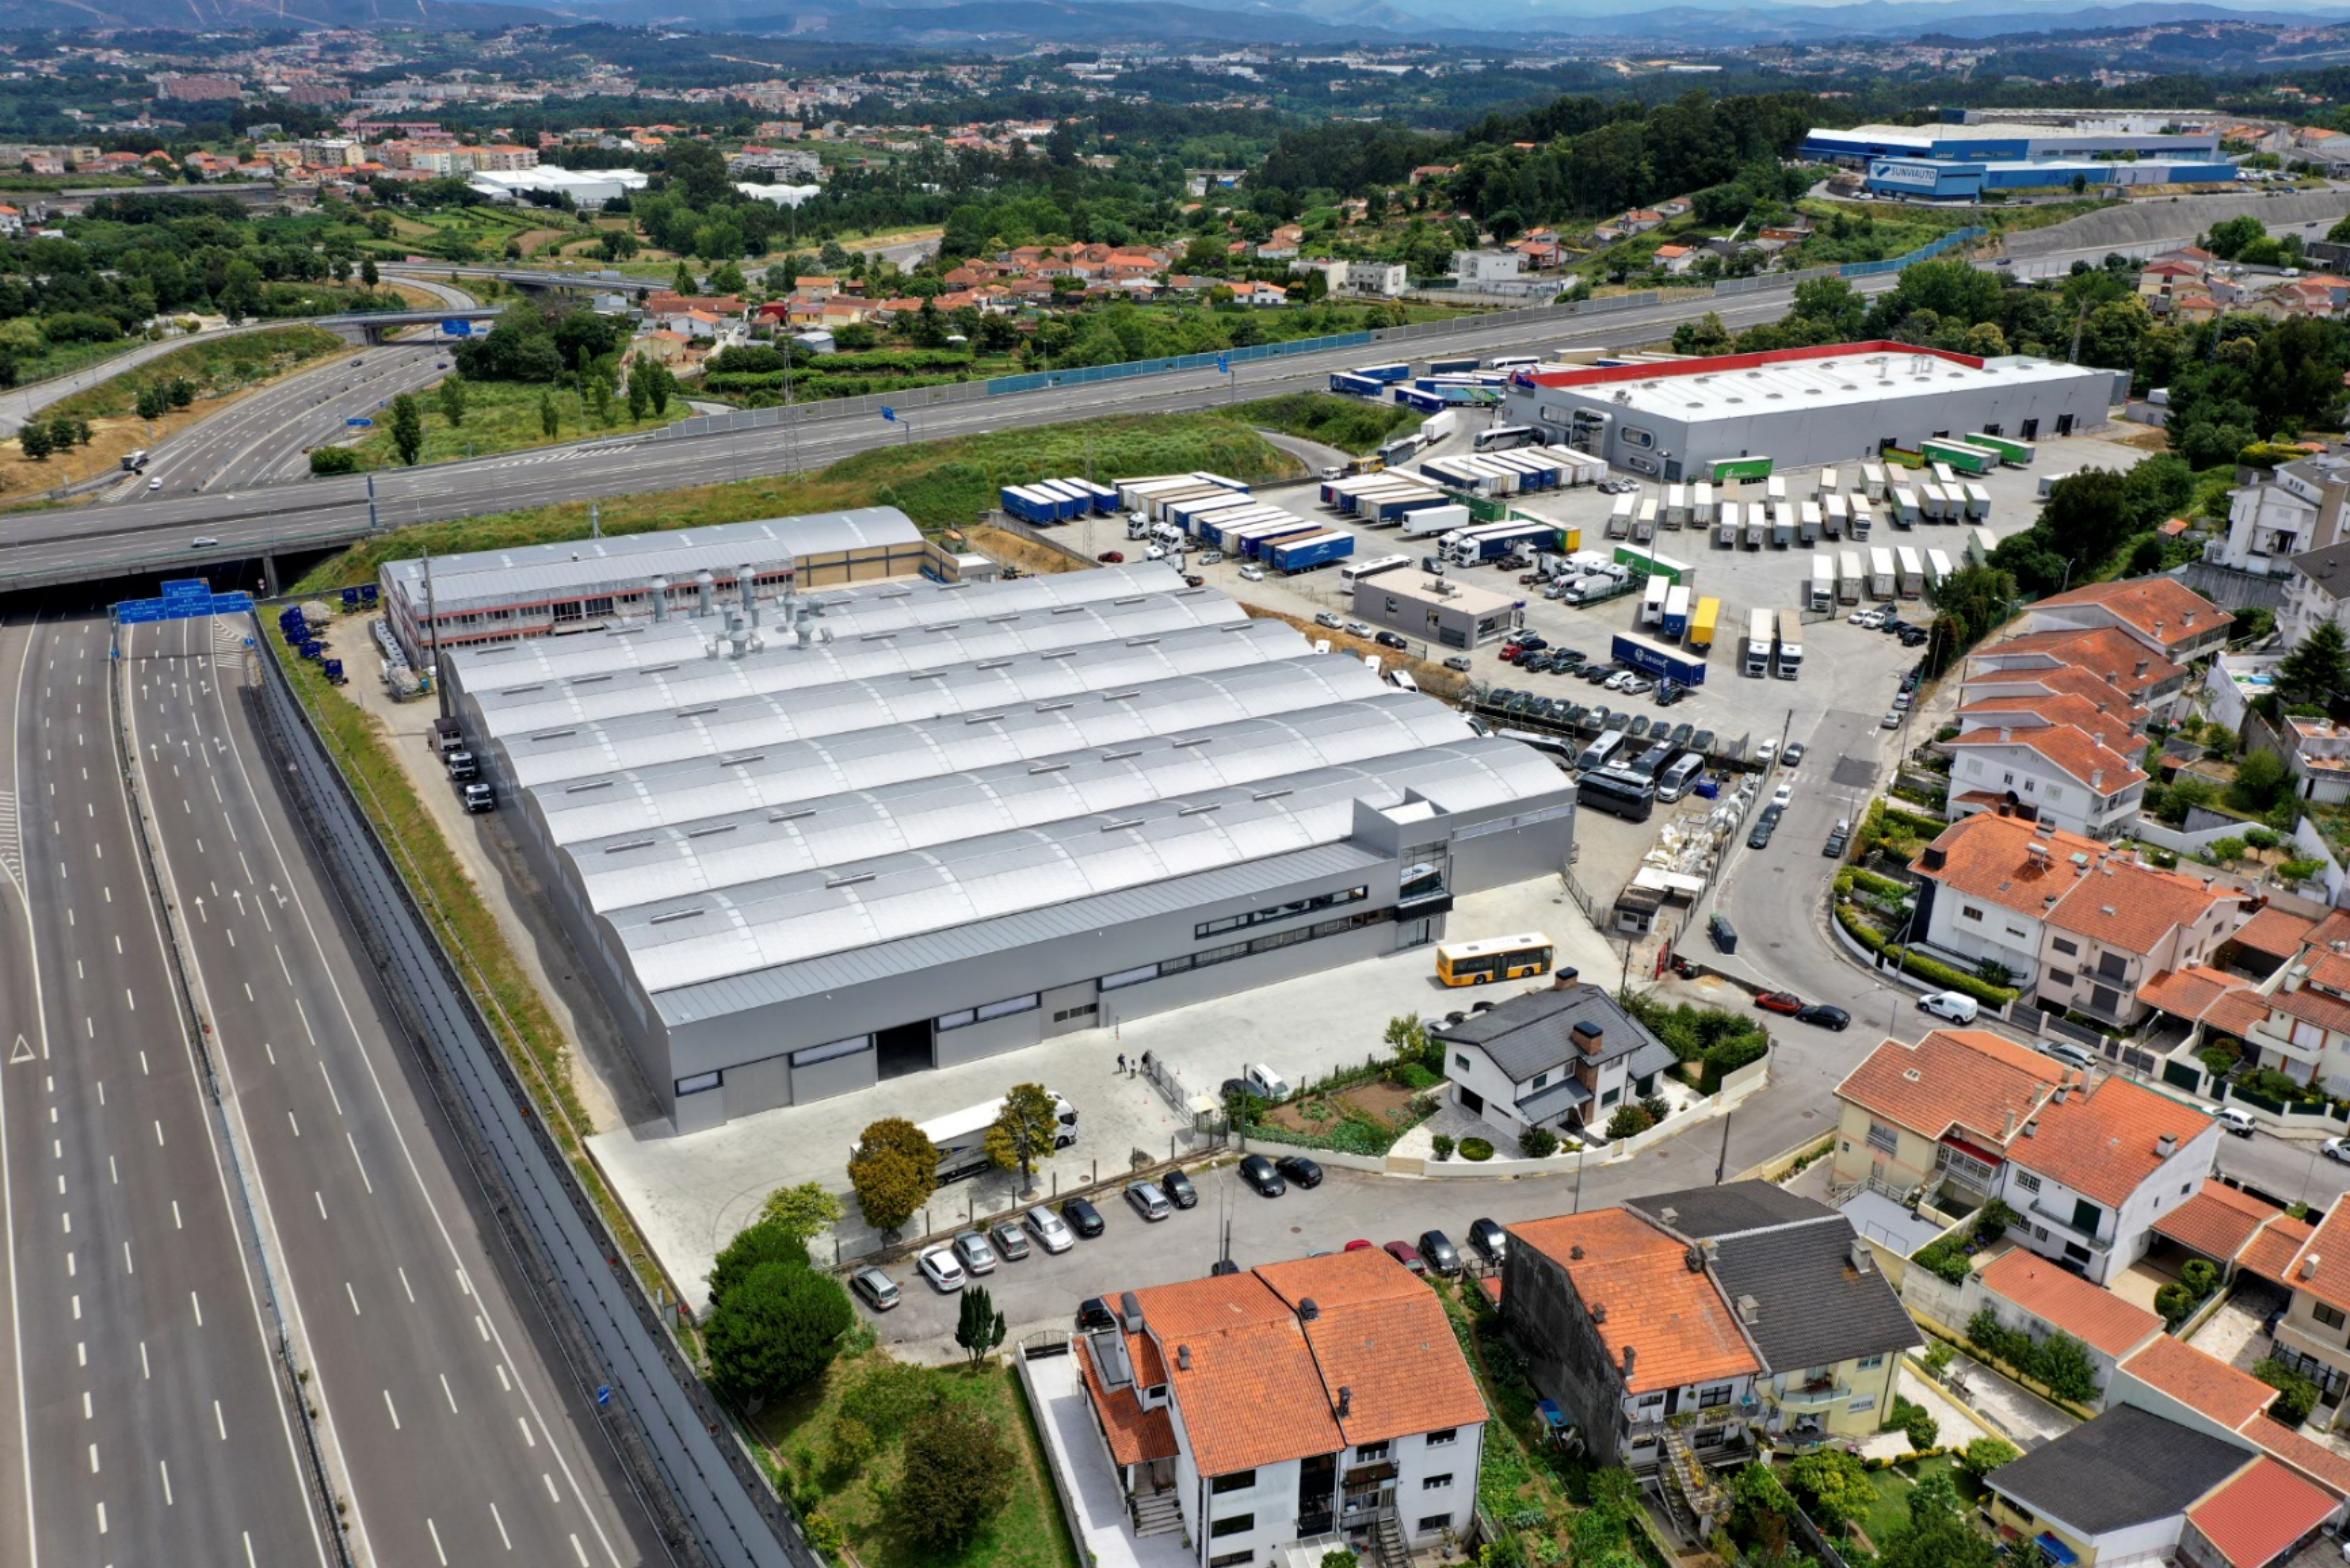 UNVI renovates Porto facility